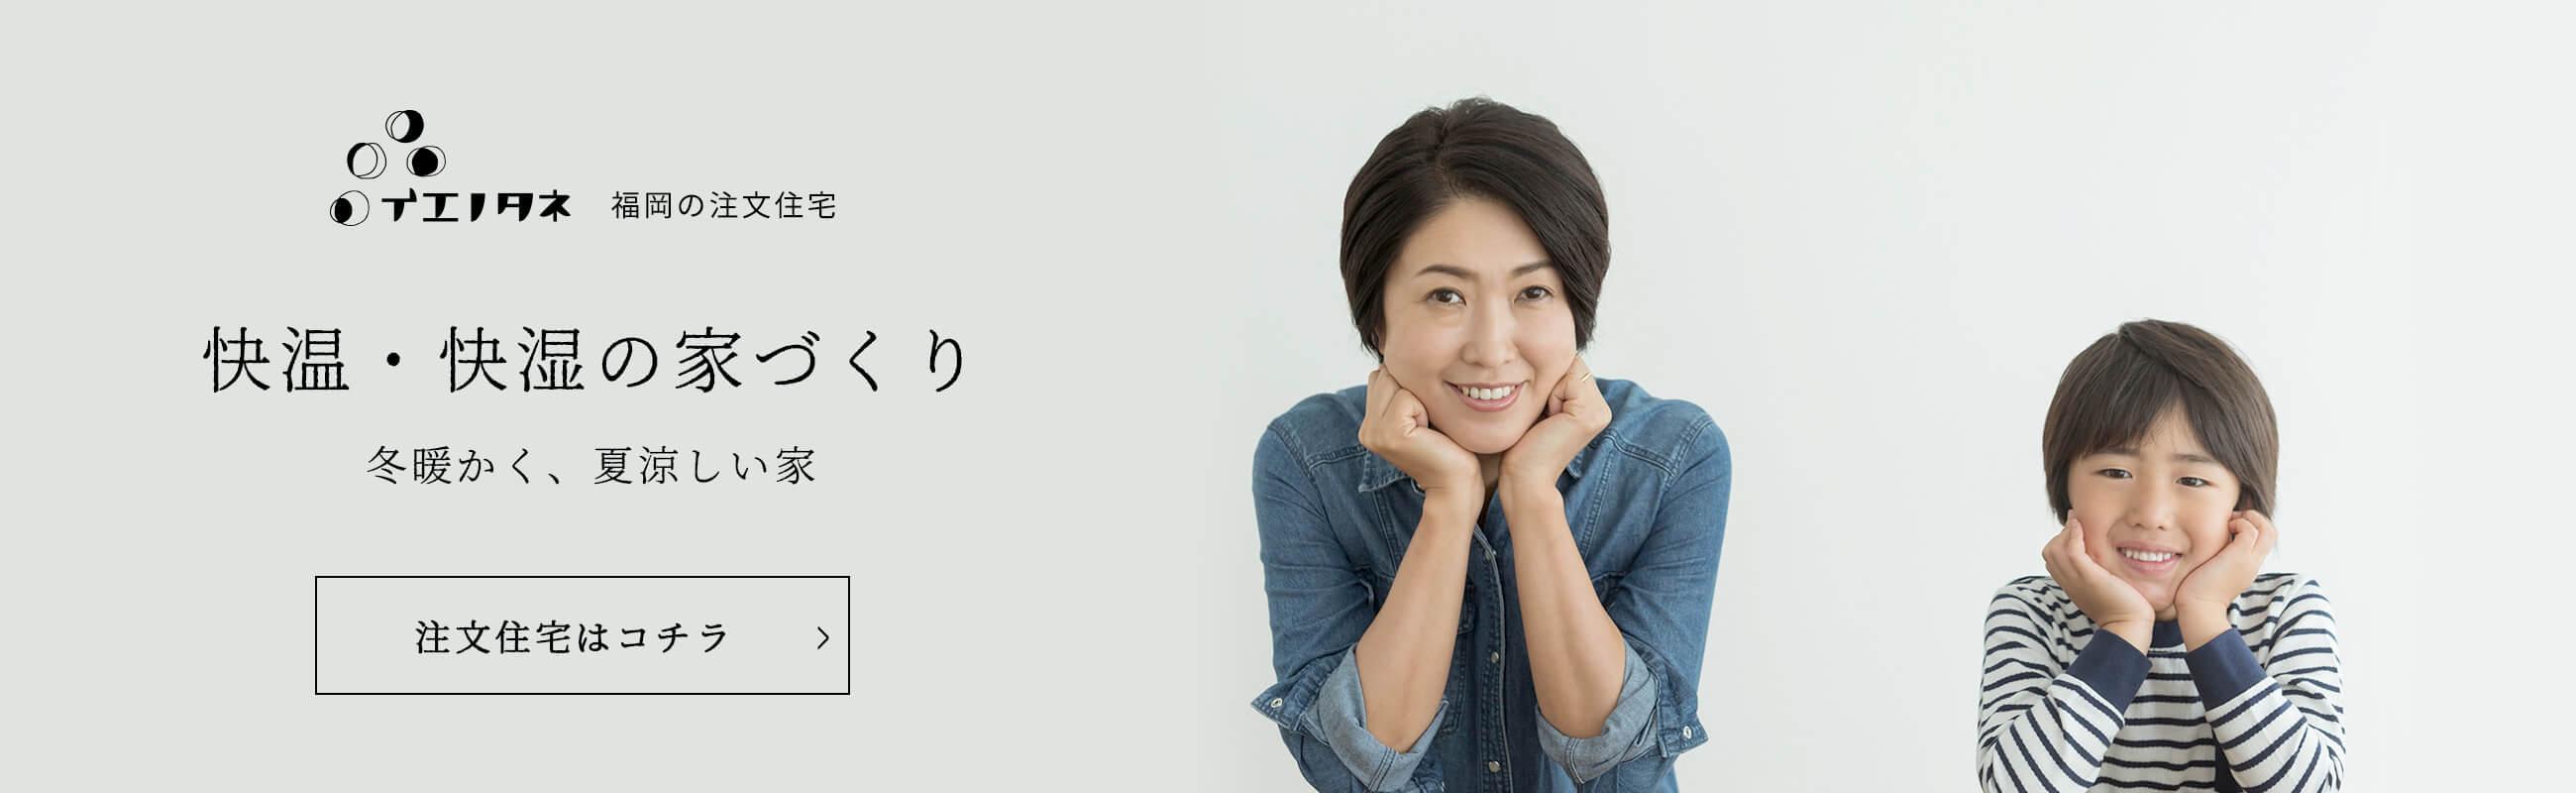 福岡の注文住宅「イエノタネ」